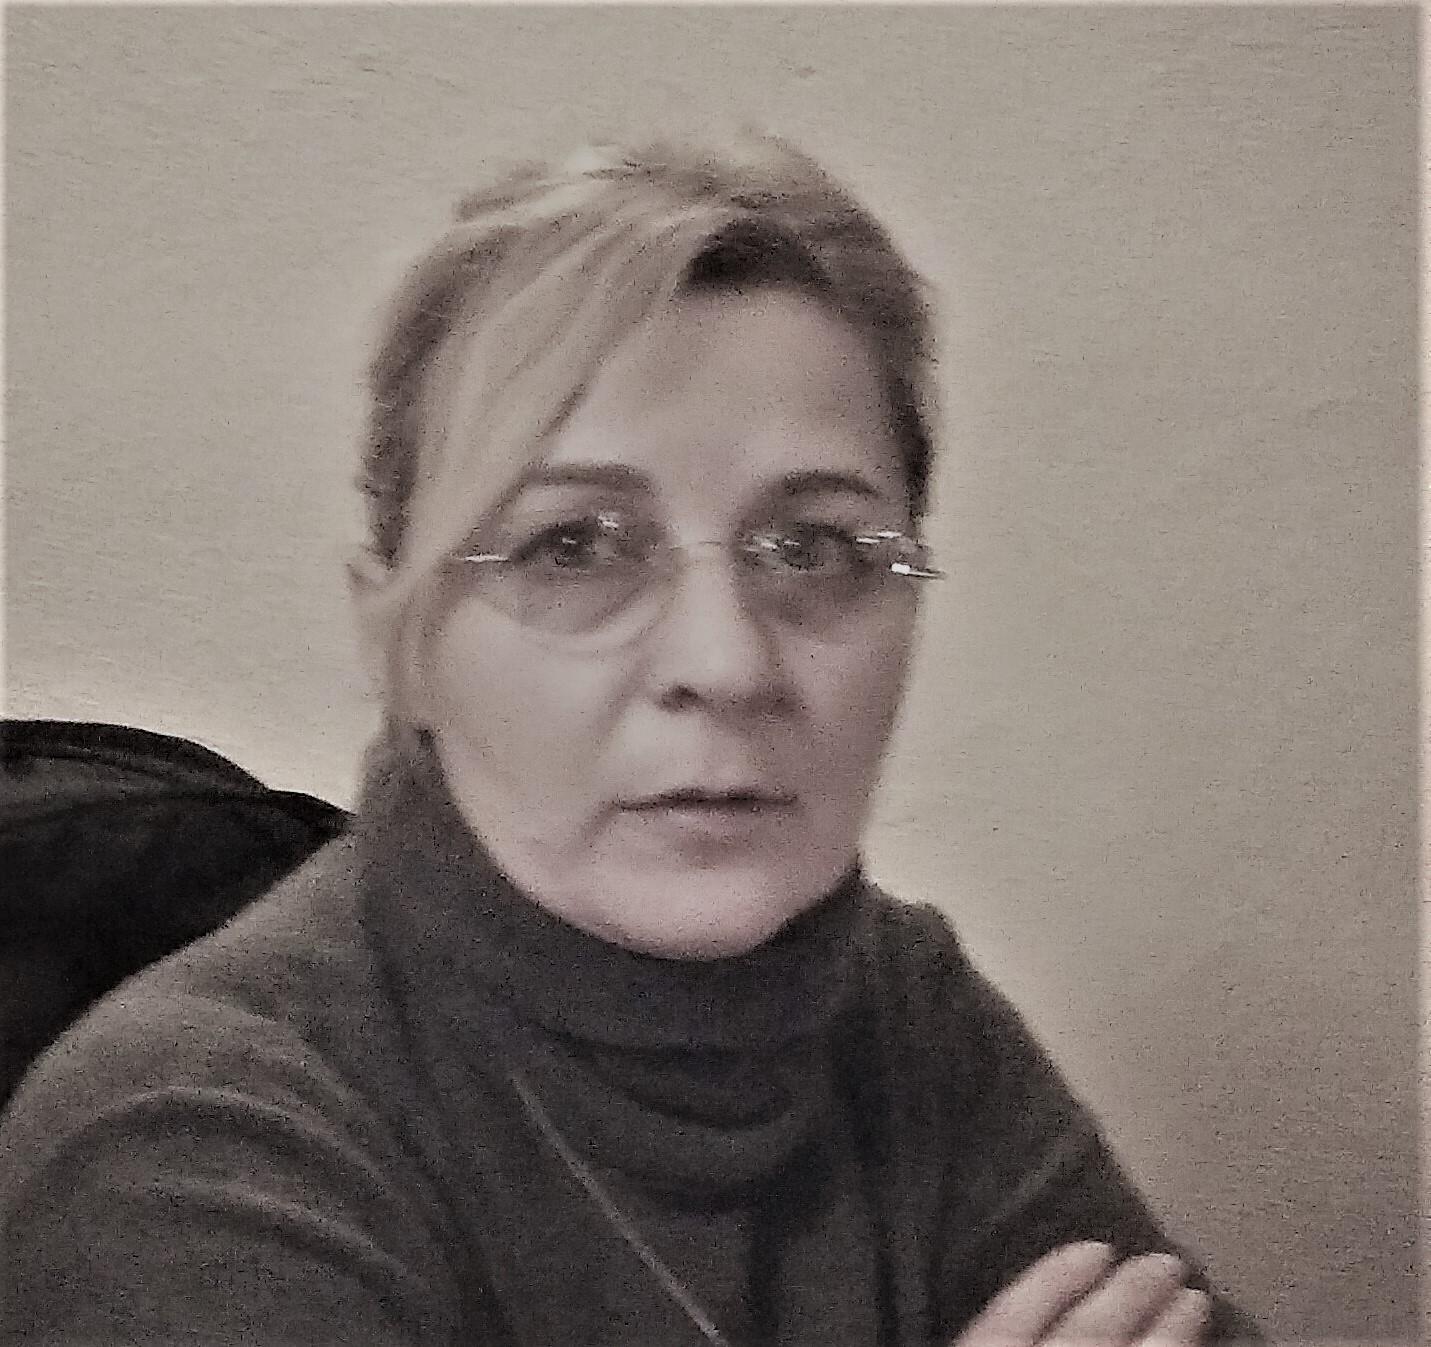 Ioana Bancila